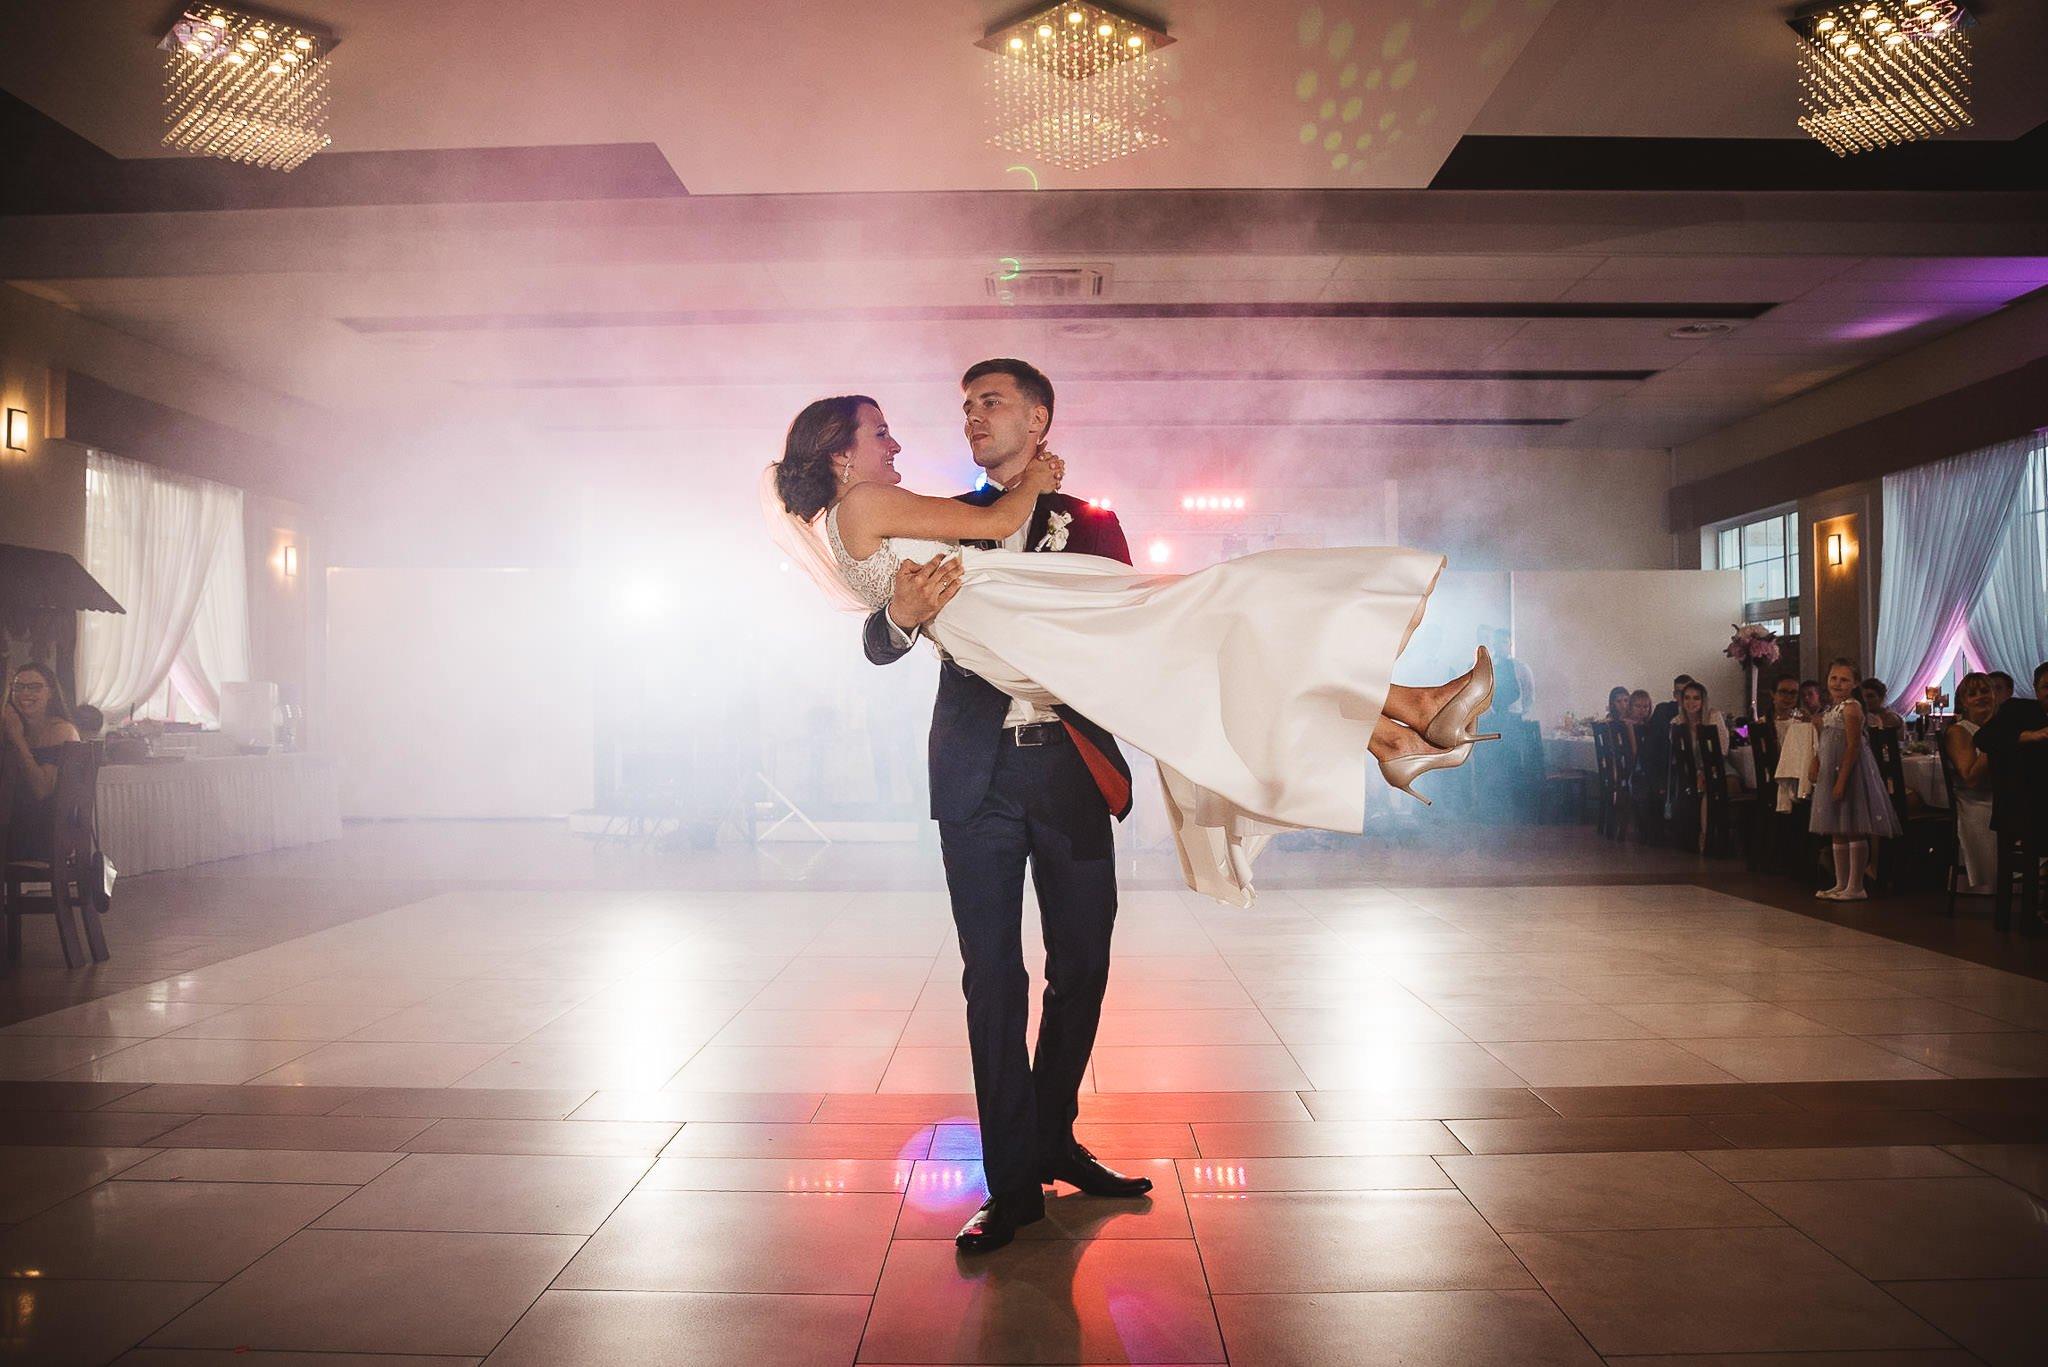 Monika i Michał, wesele w Paryżu i sesja plenerowa w stadninie koni w Czołowie 192